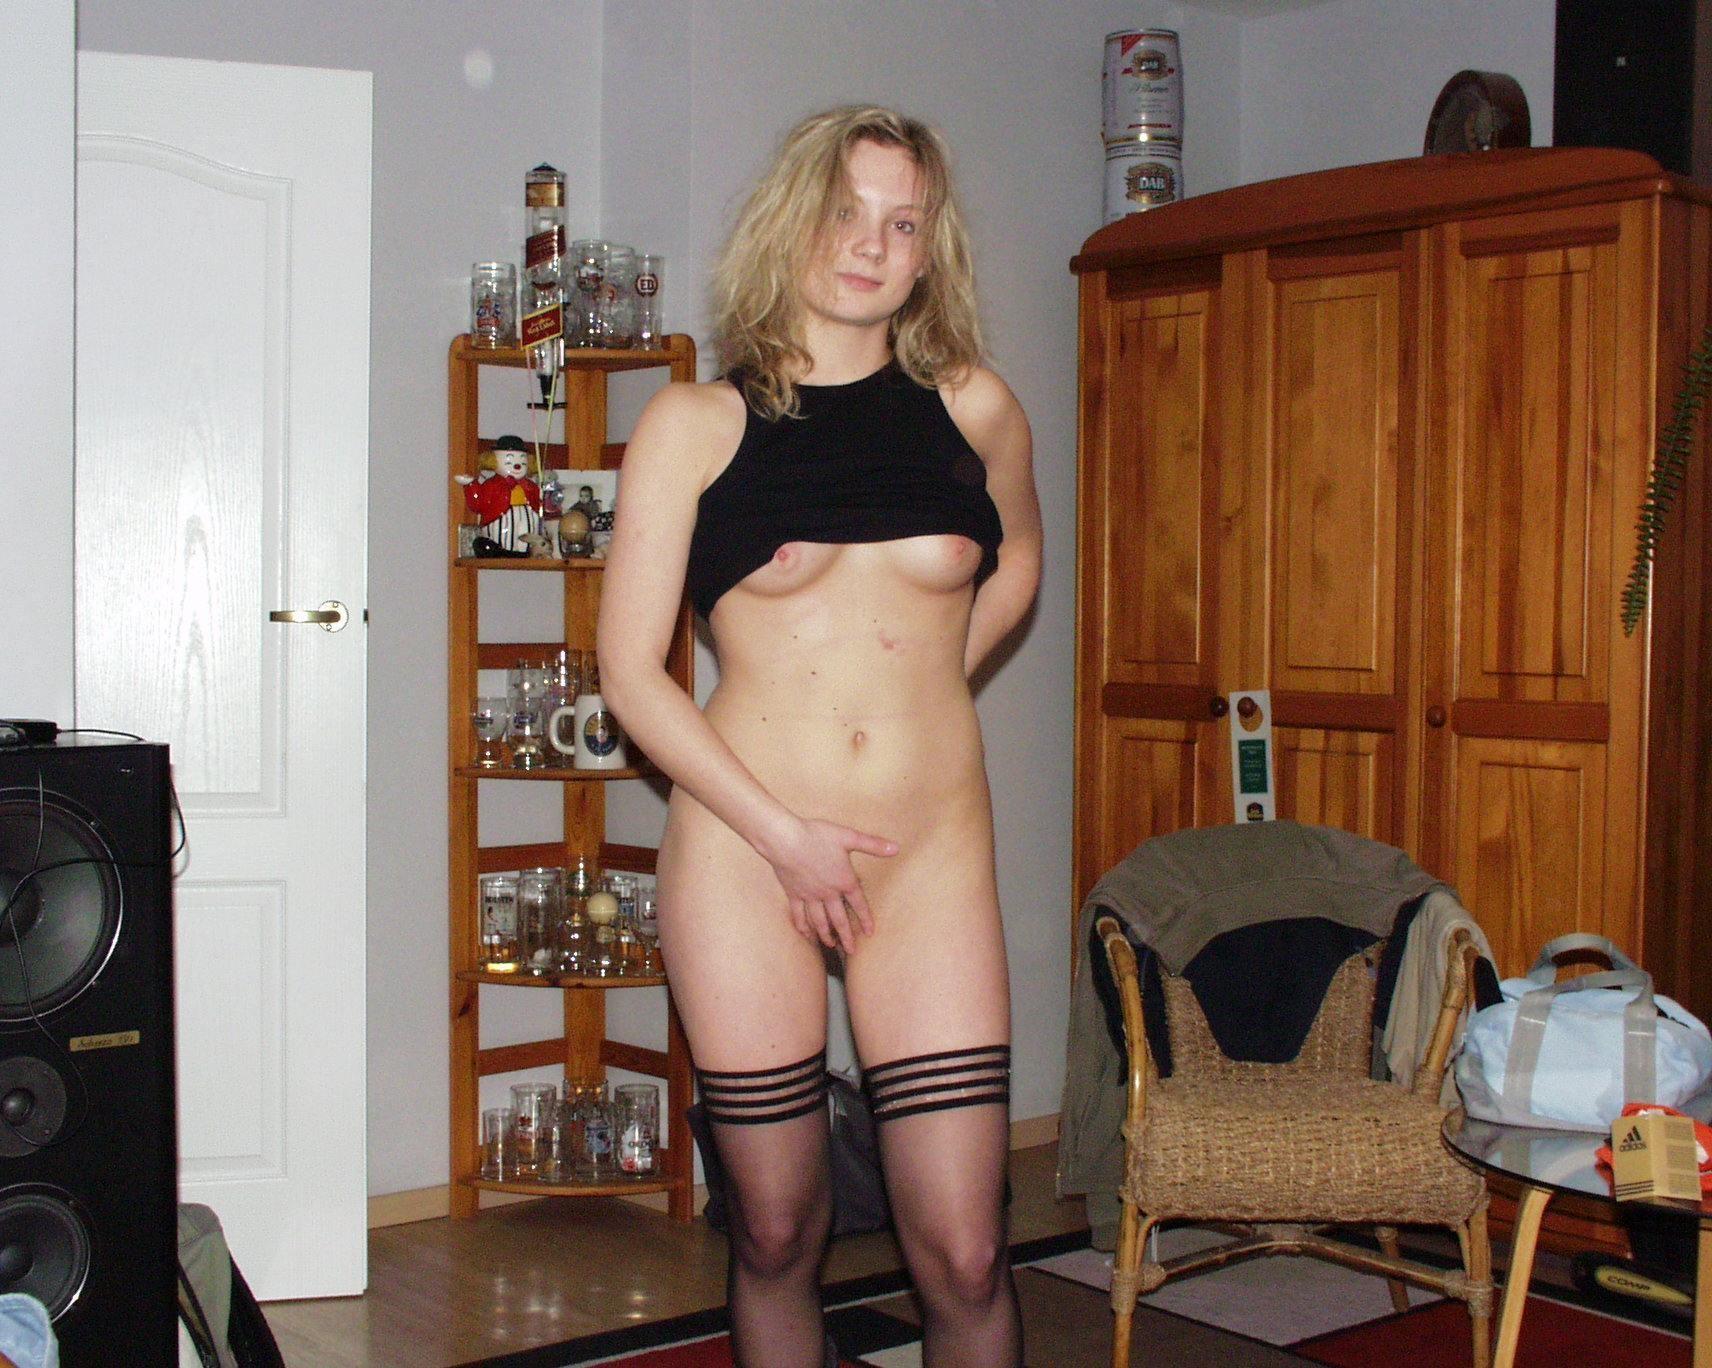 Девушки раздеваются в домашних условиях и показывают свои сексуальные тела всем желающим